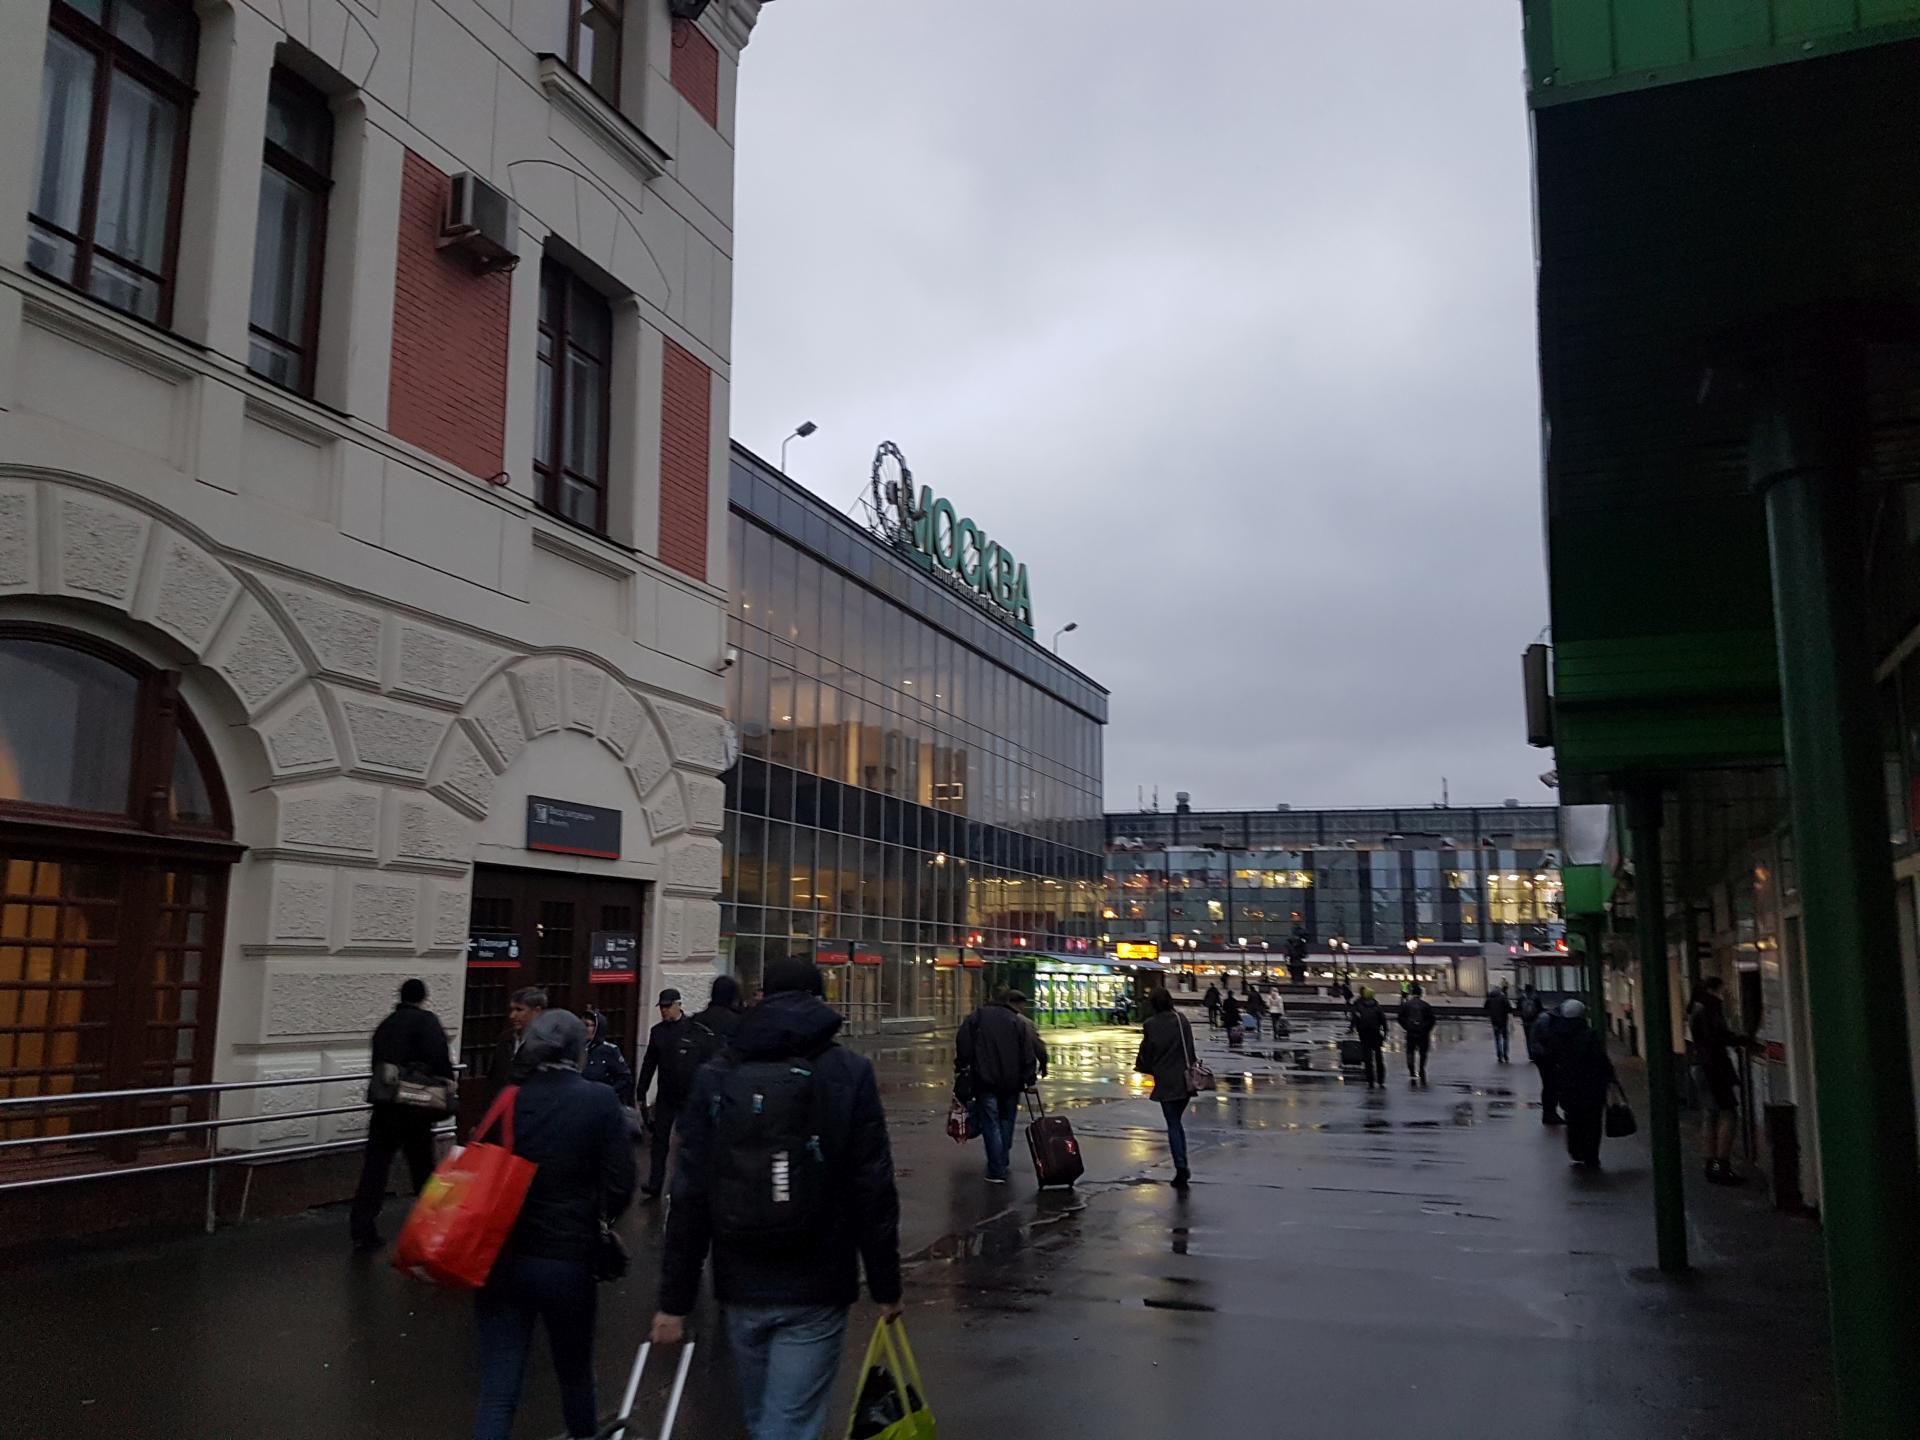 Ярославский вокзал Москва